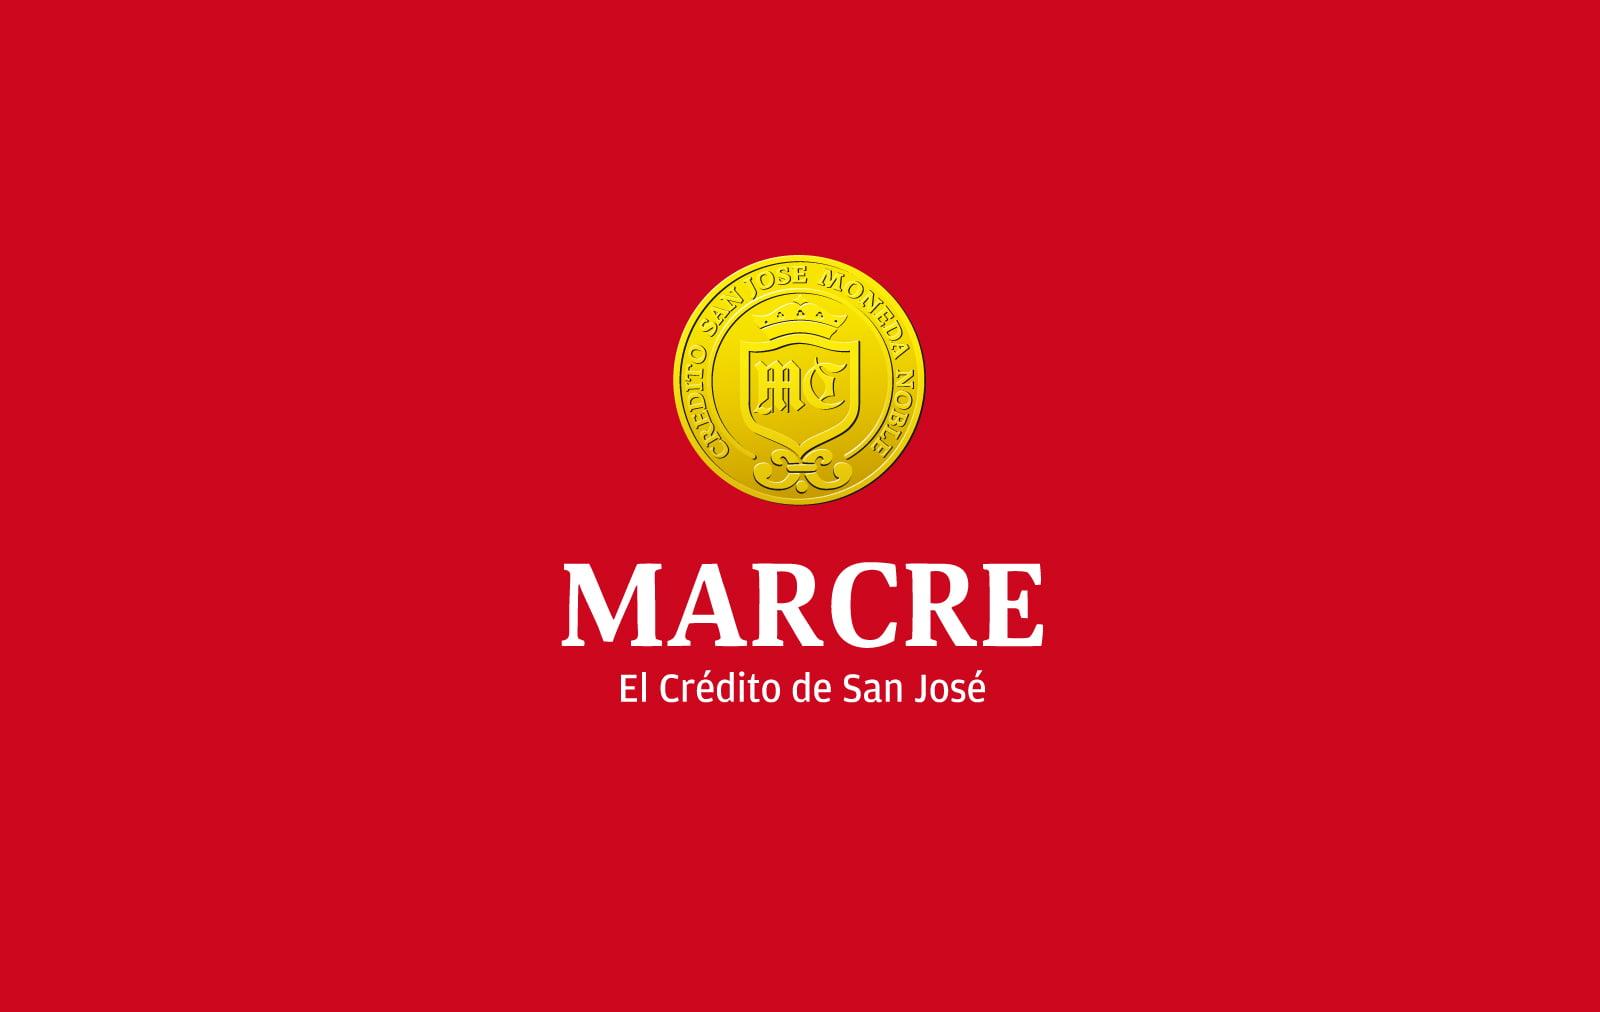 Cliente: MARCRE. Identidad corporativa